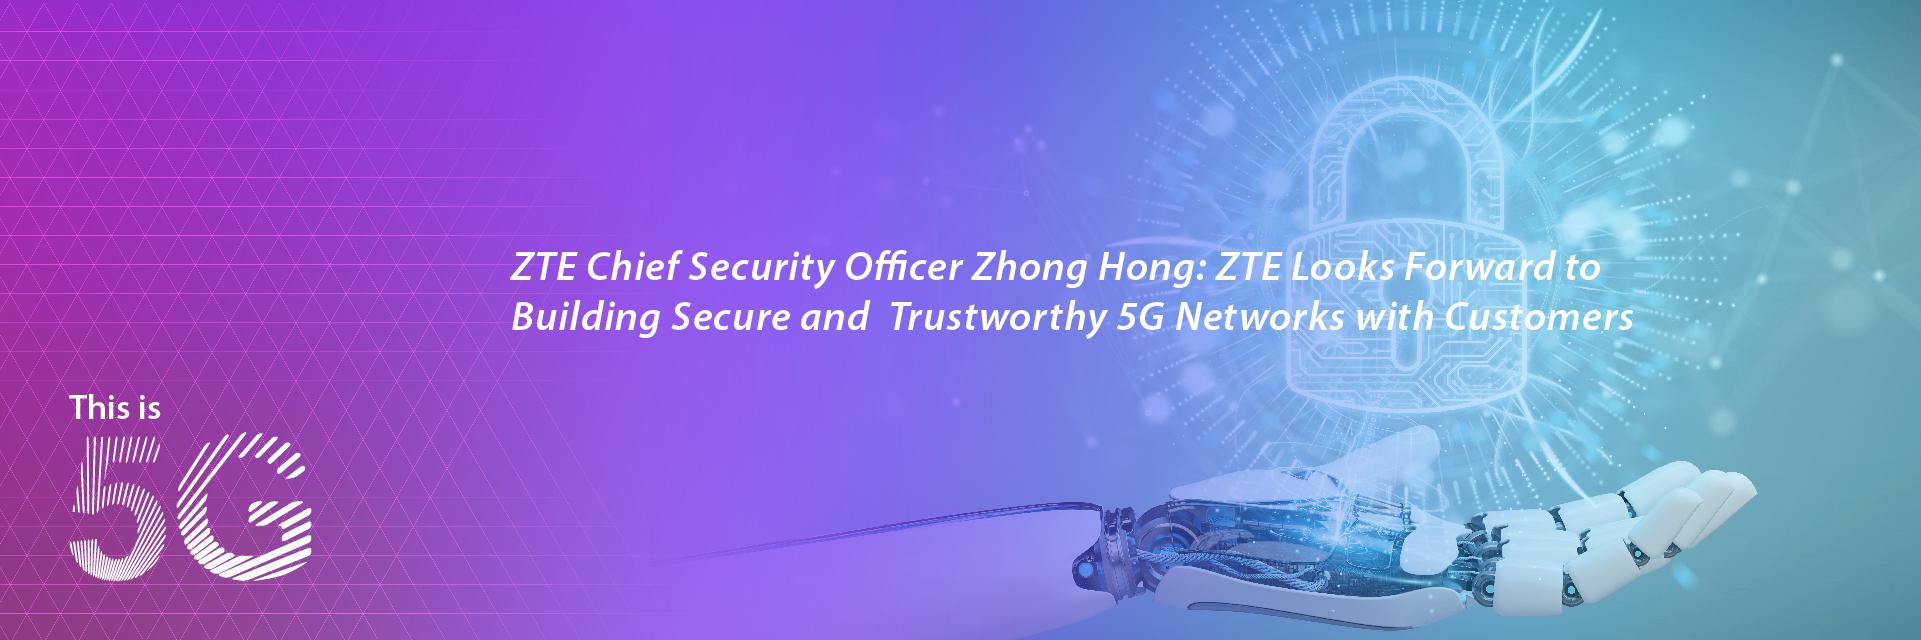 美高梅手机版登录485 Chief Security Officer Zhong Hong:美高梅手机版登录485 Looks Forward to Building Secure and Trustworthy 5G Networks with Customers